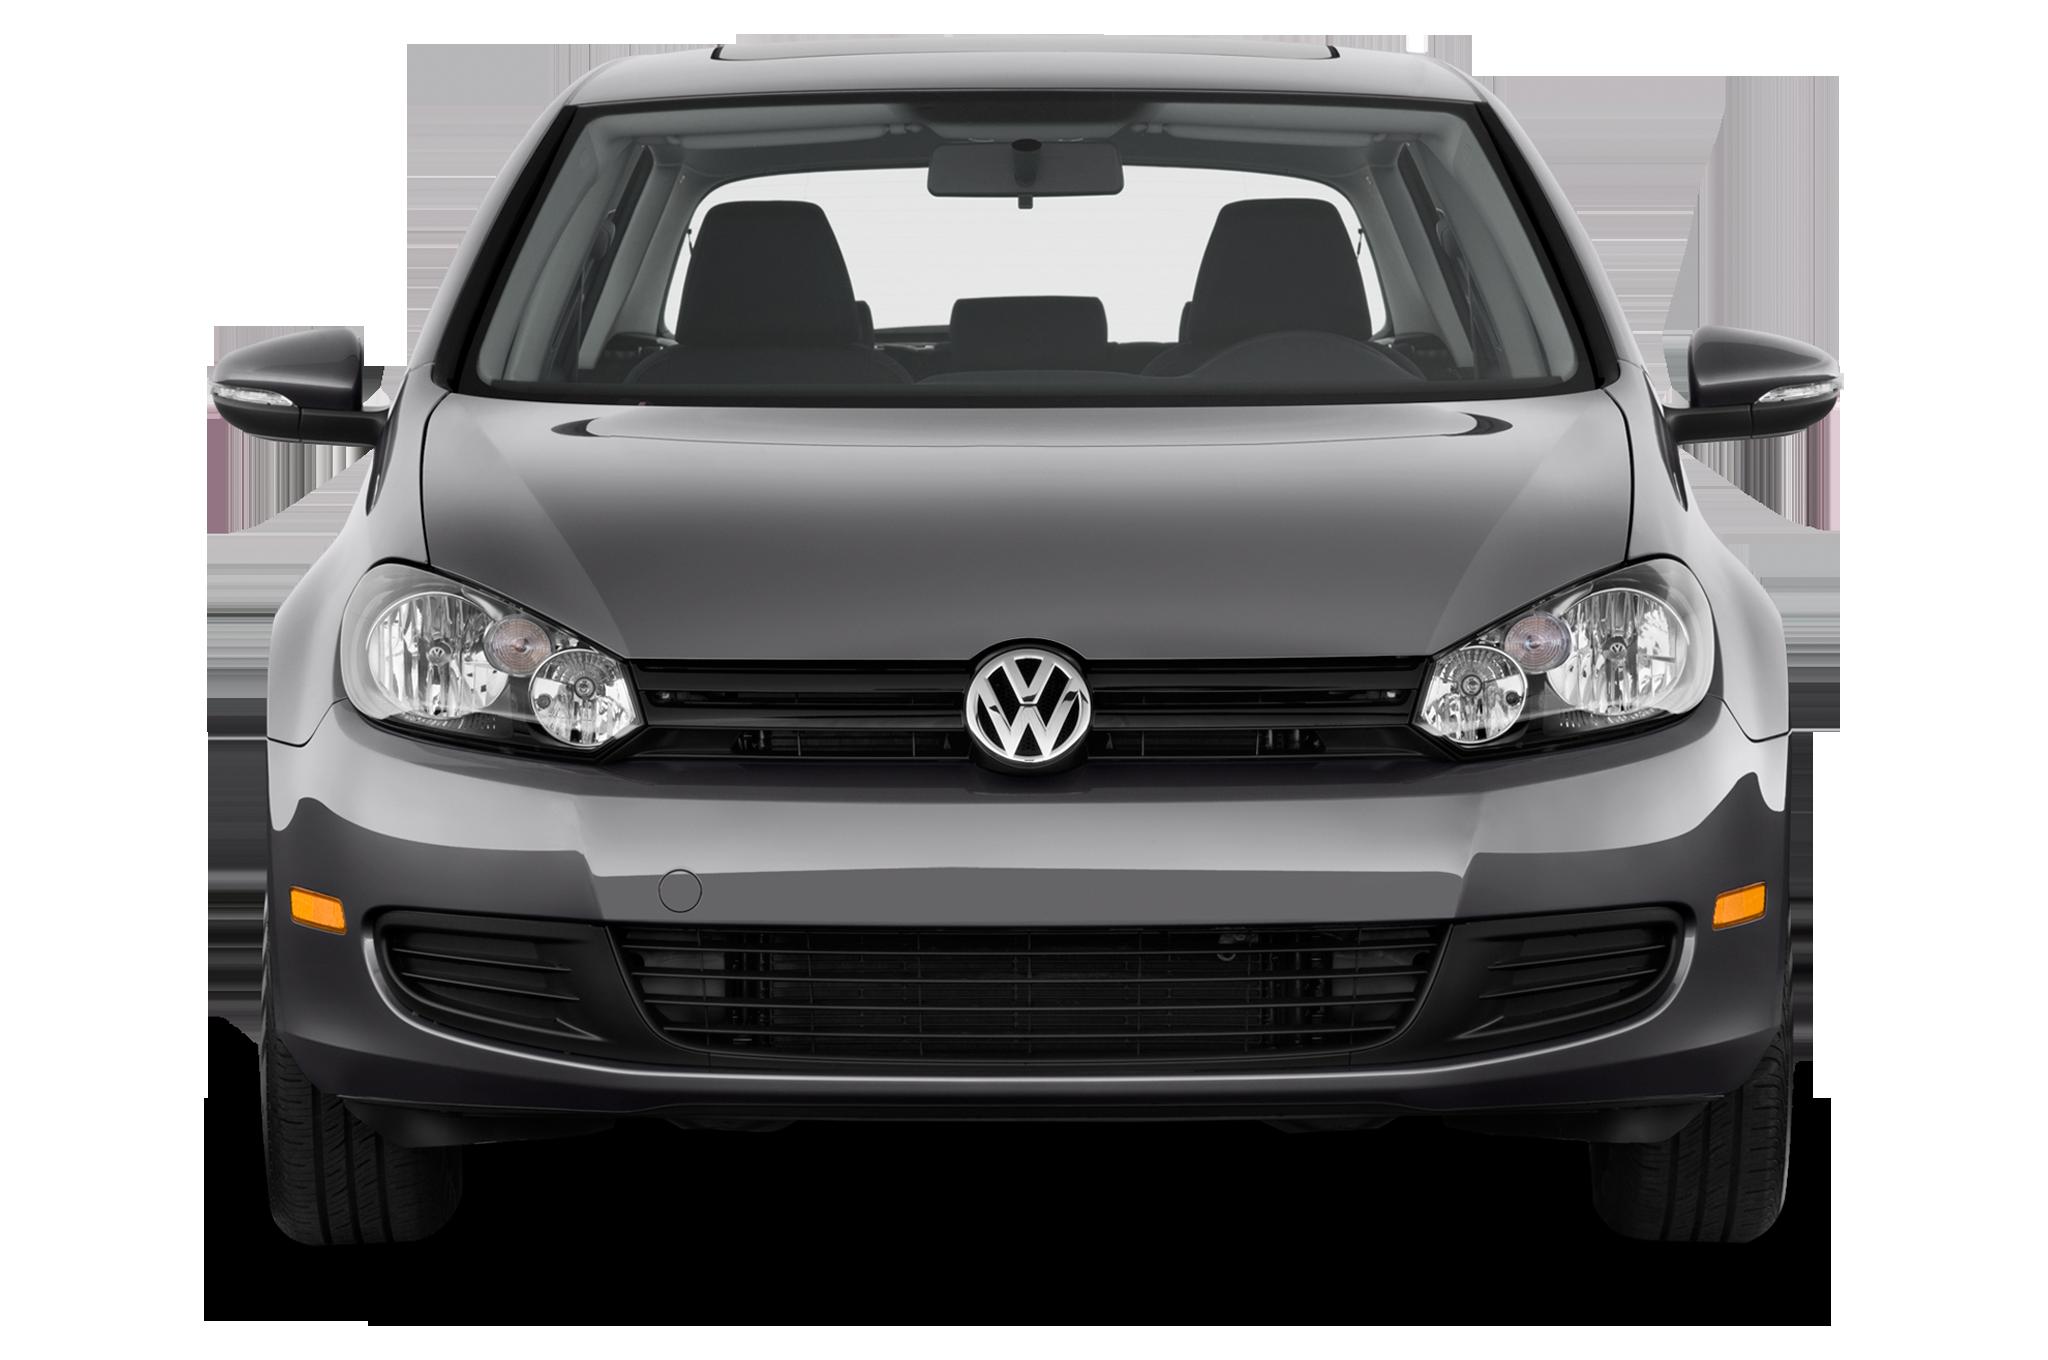 63 Power Wagon >> 2011 Volkswagen Golf TDI 2-door - Editors' Notebook - Automobile Magazine